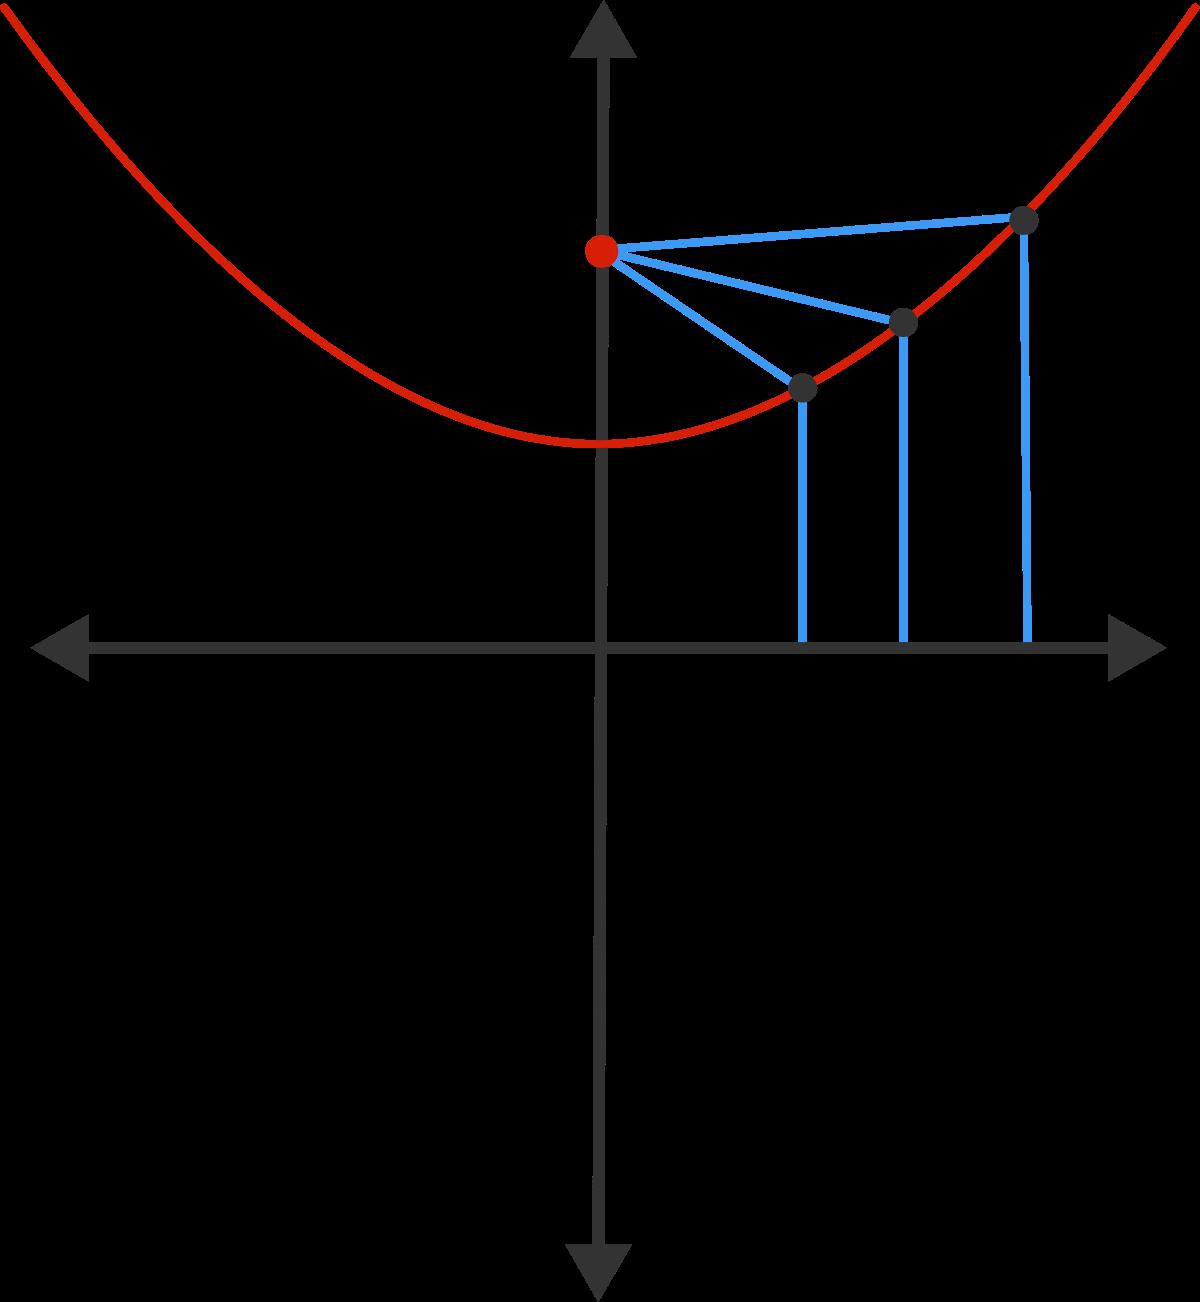 Equation of Locus | Brilliant Math & Science Wiki